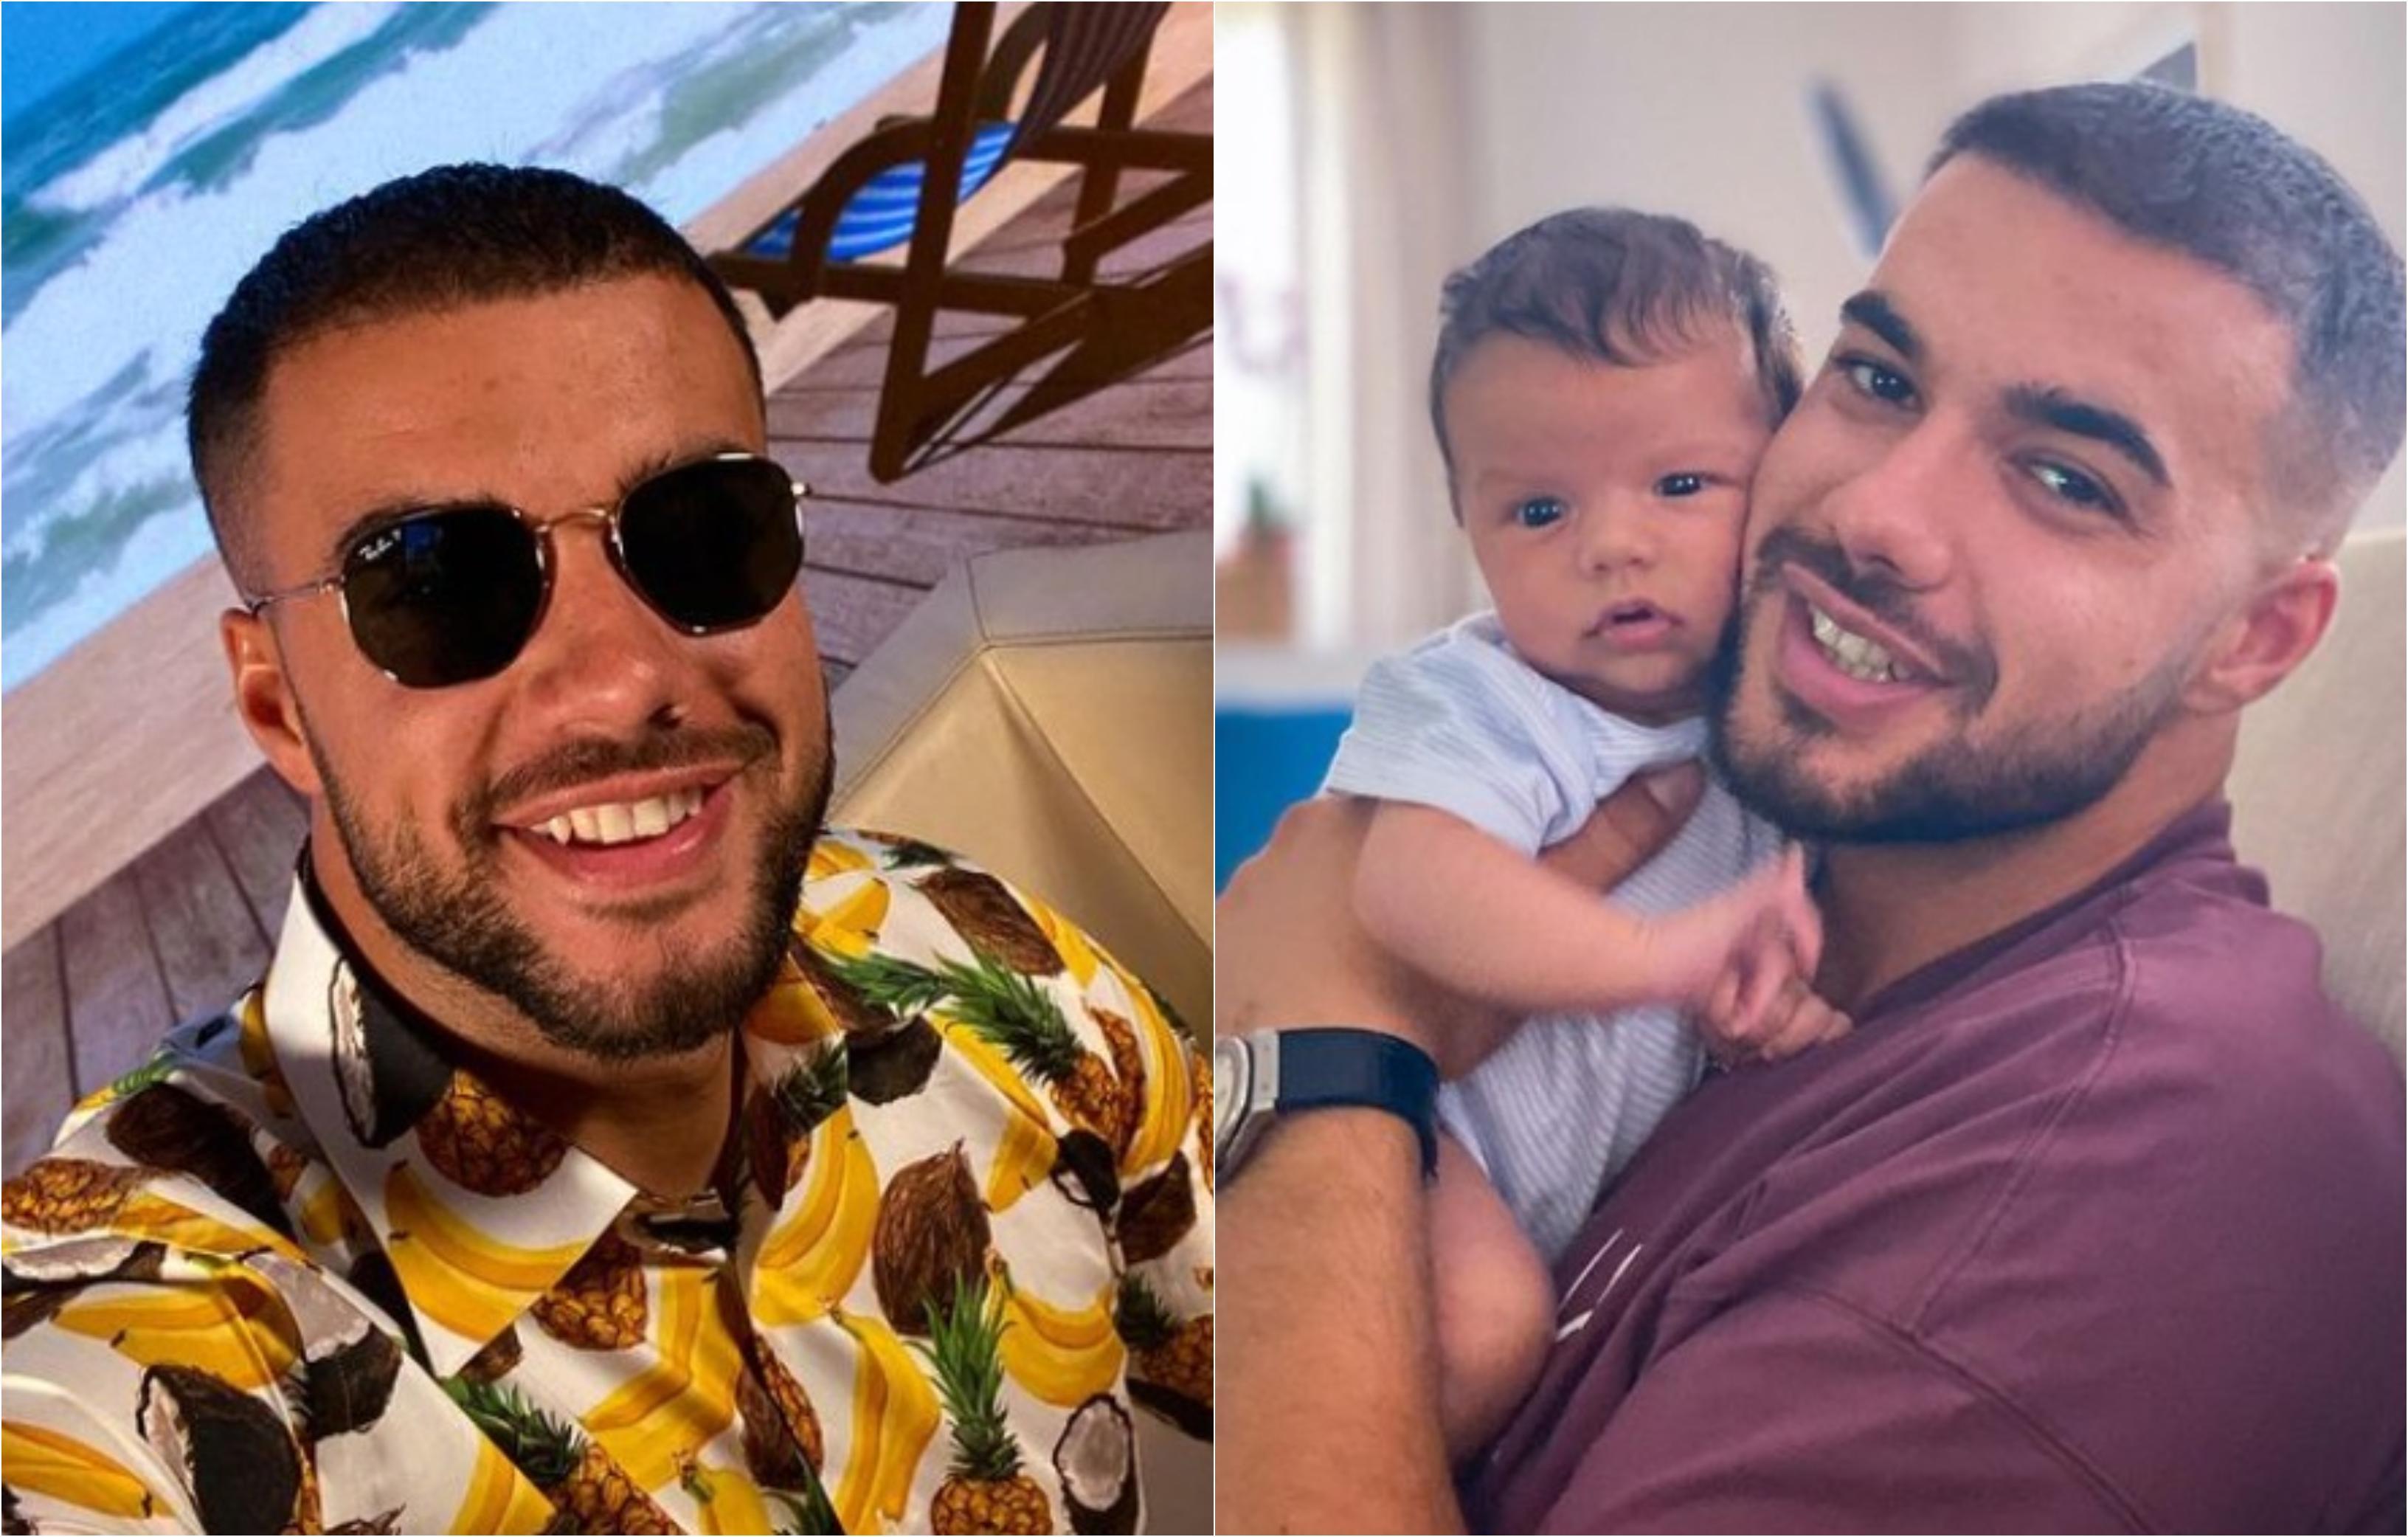 Câți bani a scos din buzunar Culiță Sterp, pentru botezul băiatului său. Au cântat Tzancă Uraganu și The Rose|EpicNews